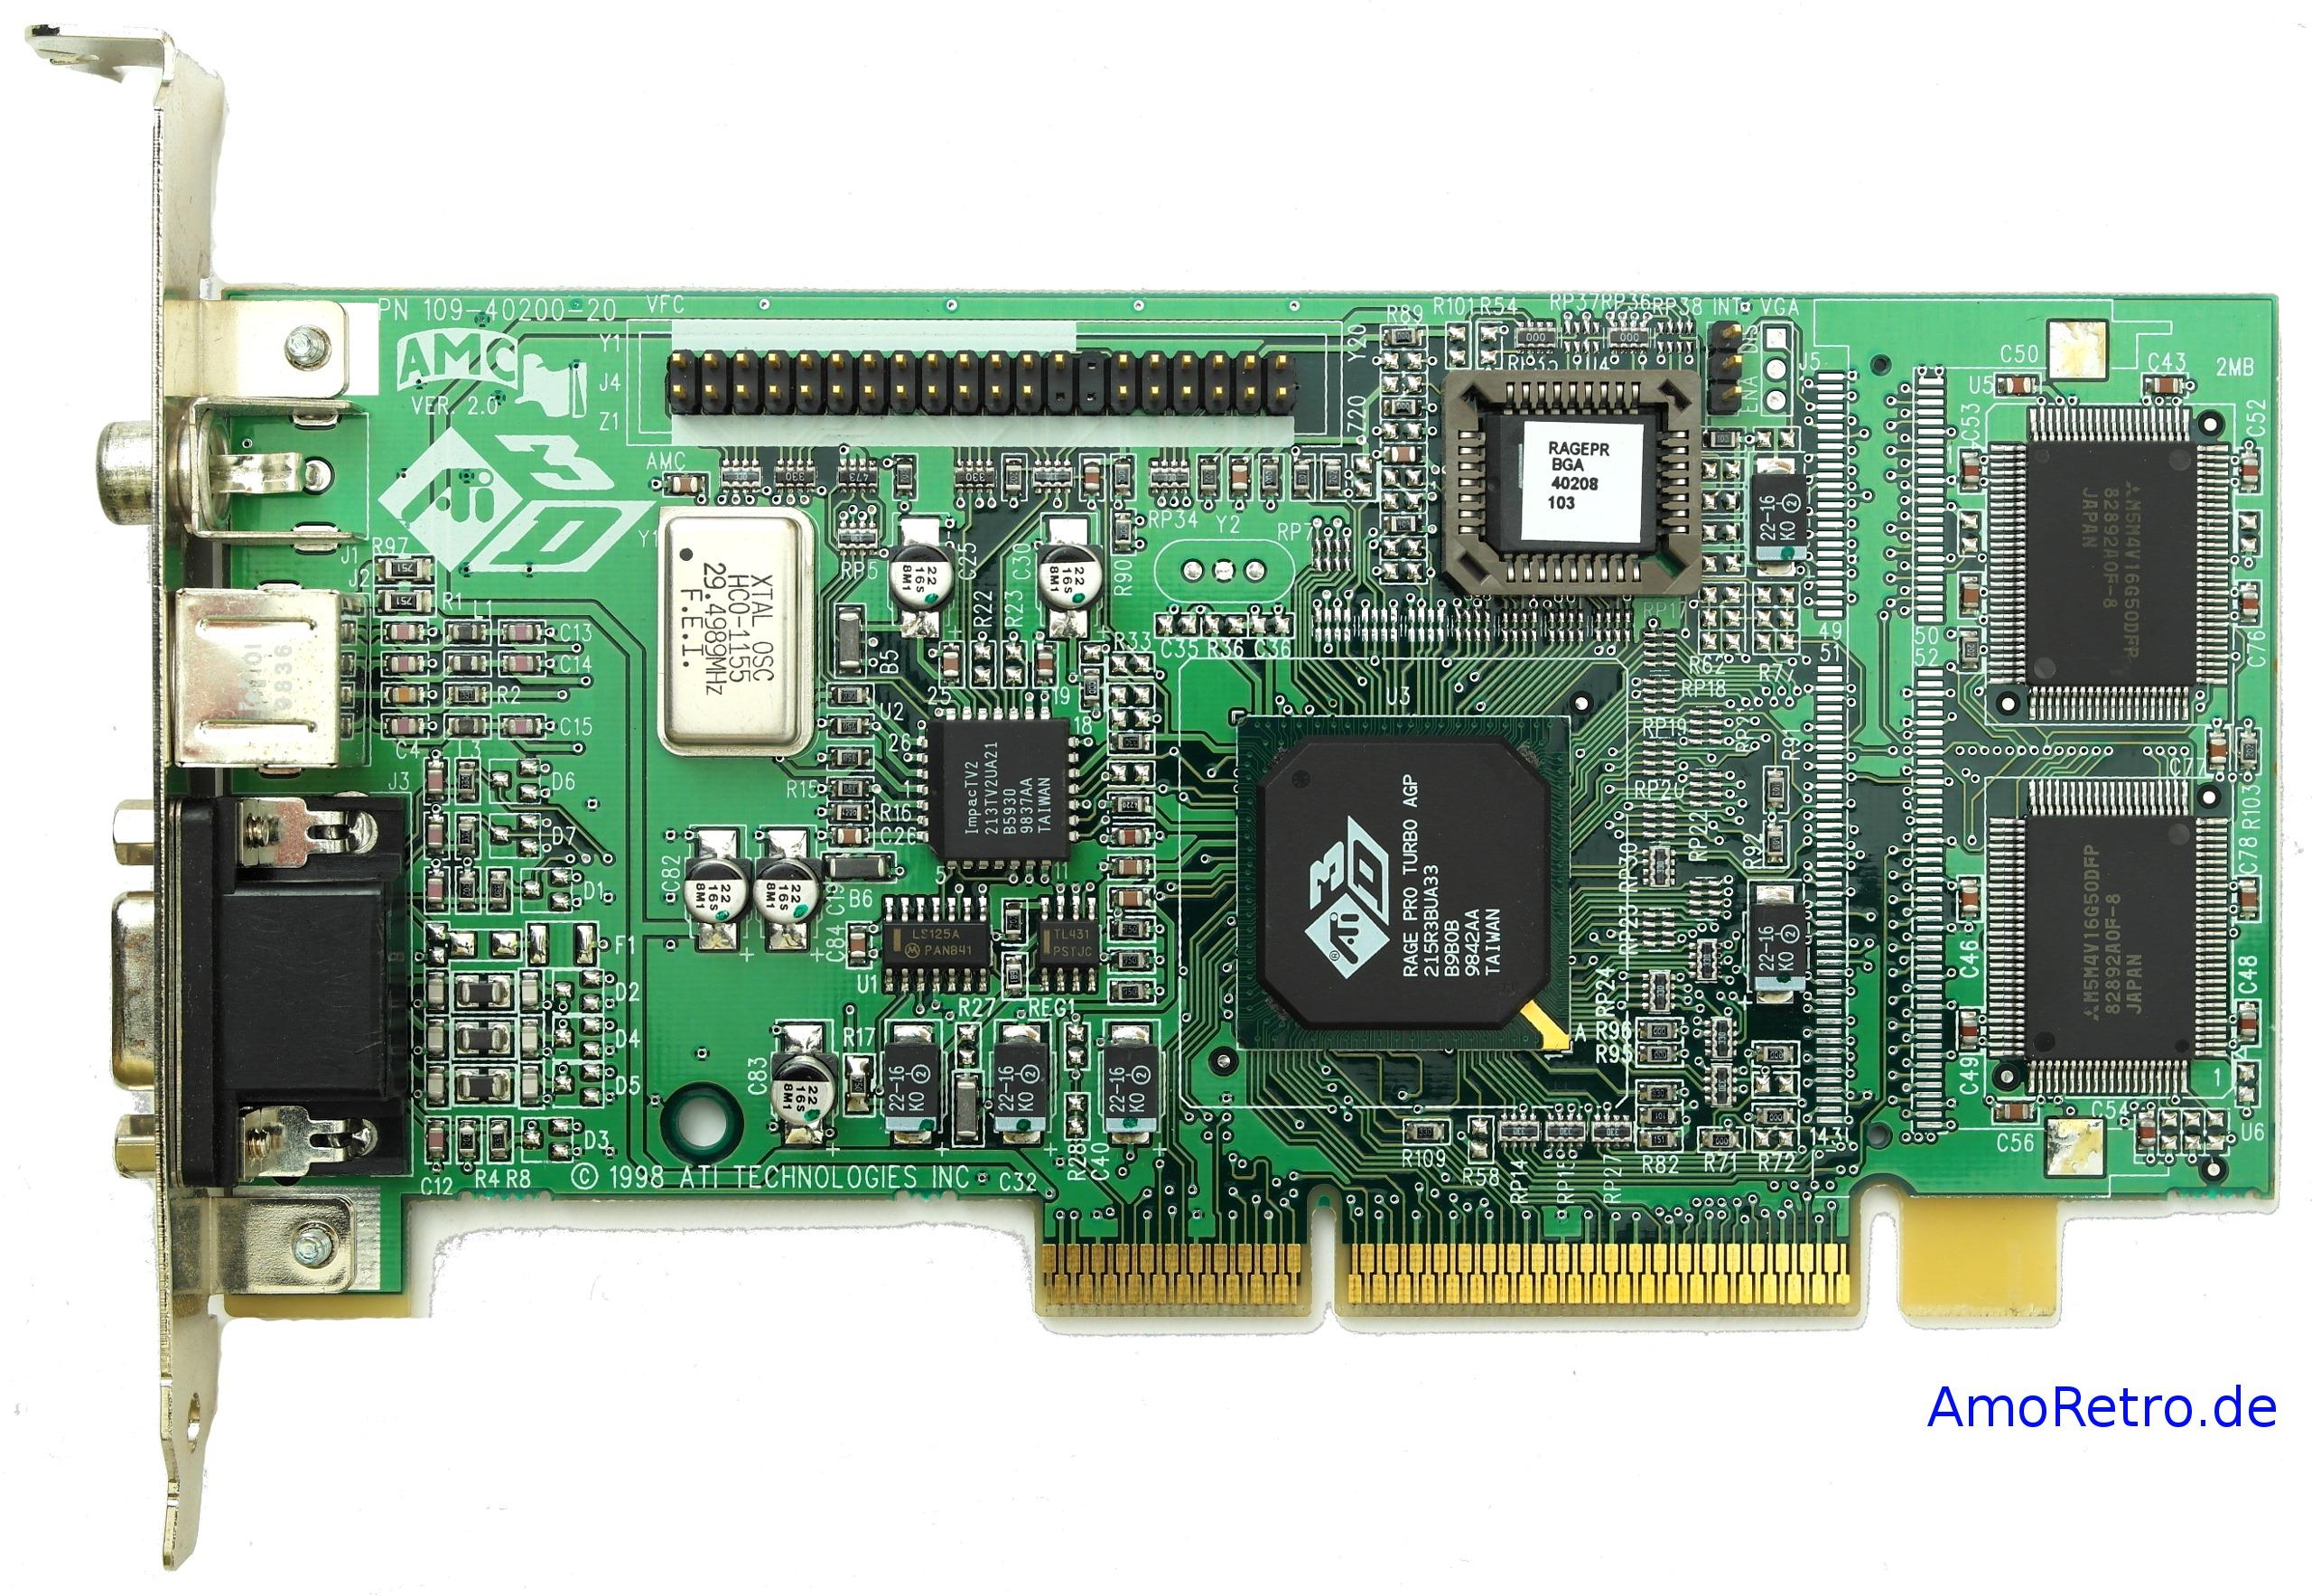 ATI RAGE XL PCI B41 DRIVERS